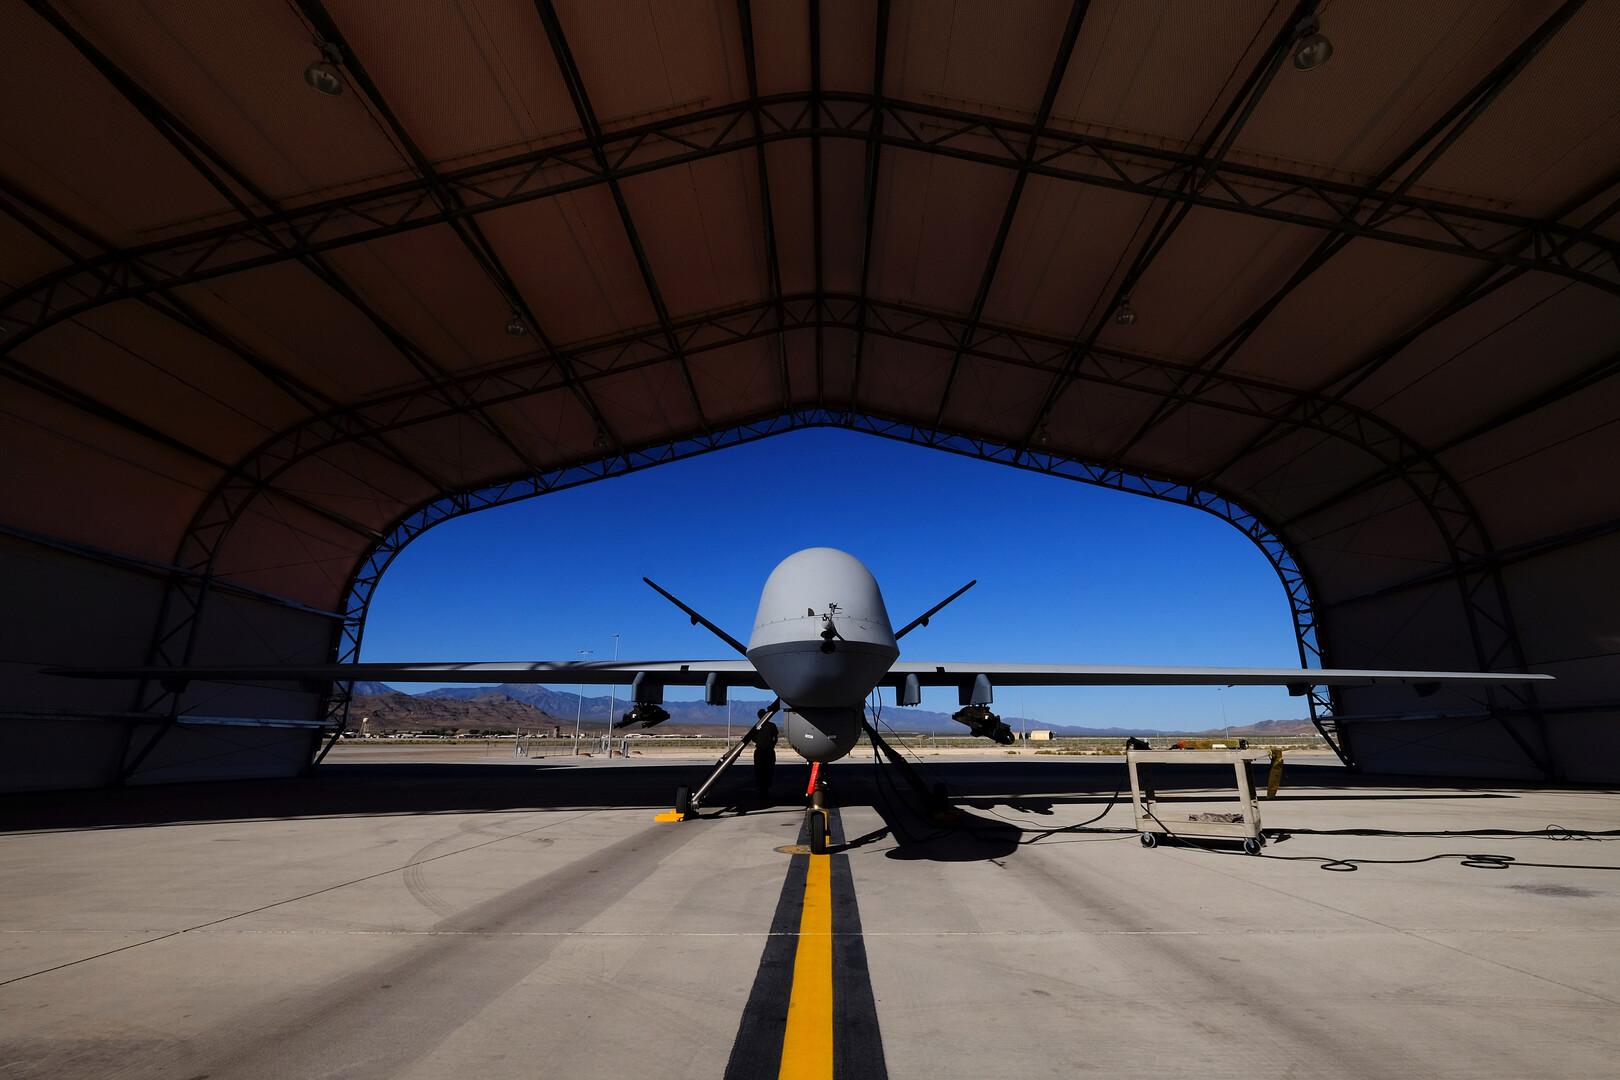 مقتل 30 مدنيا جراء غارة لطائرة مسيرة أمريكية شرق أفغانستان